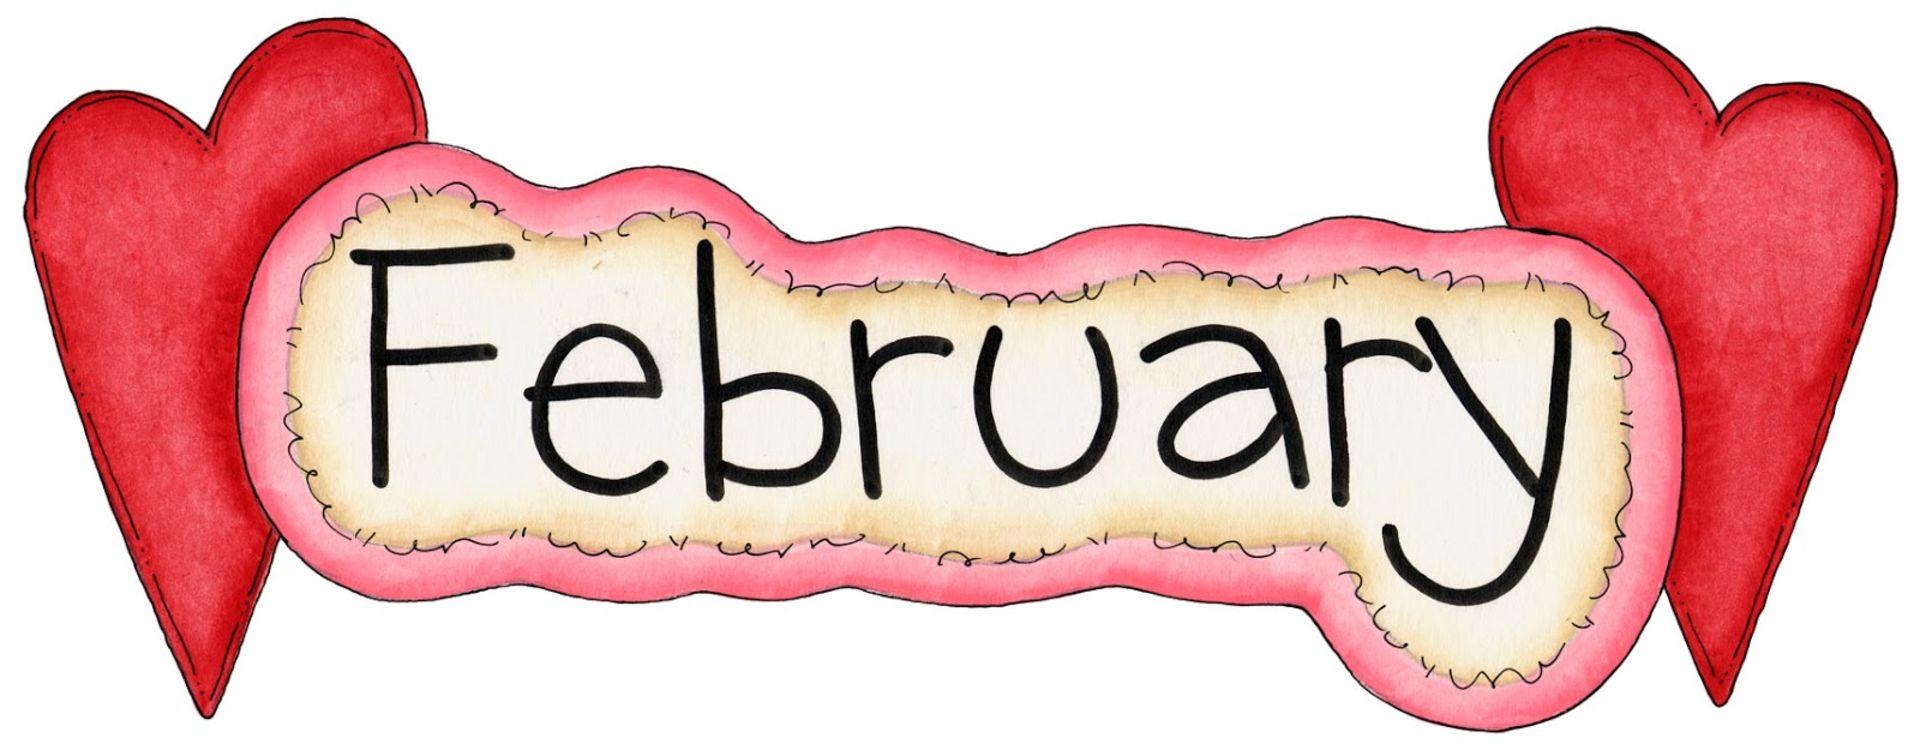 February 2018 Petit Home Team Newsletter